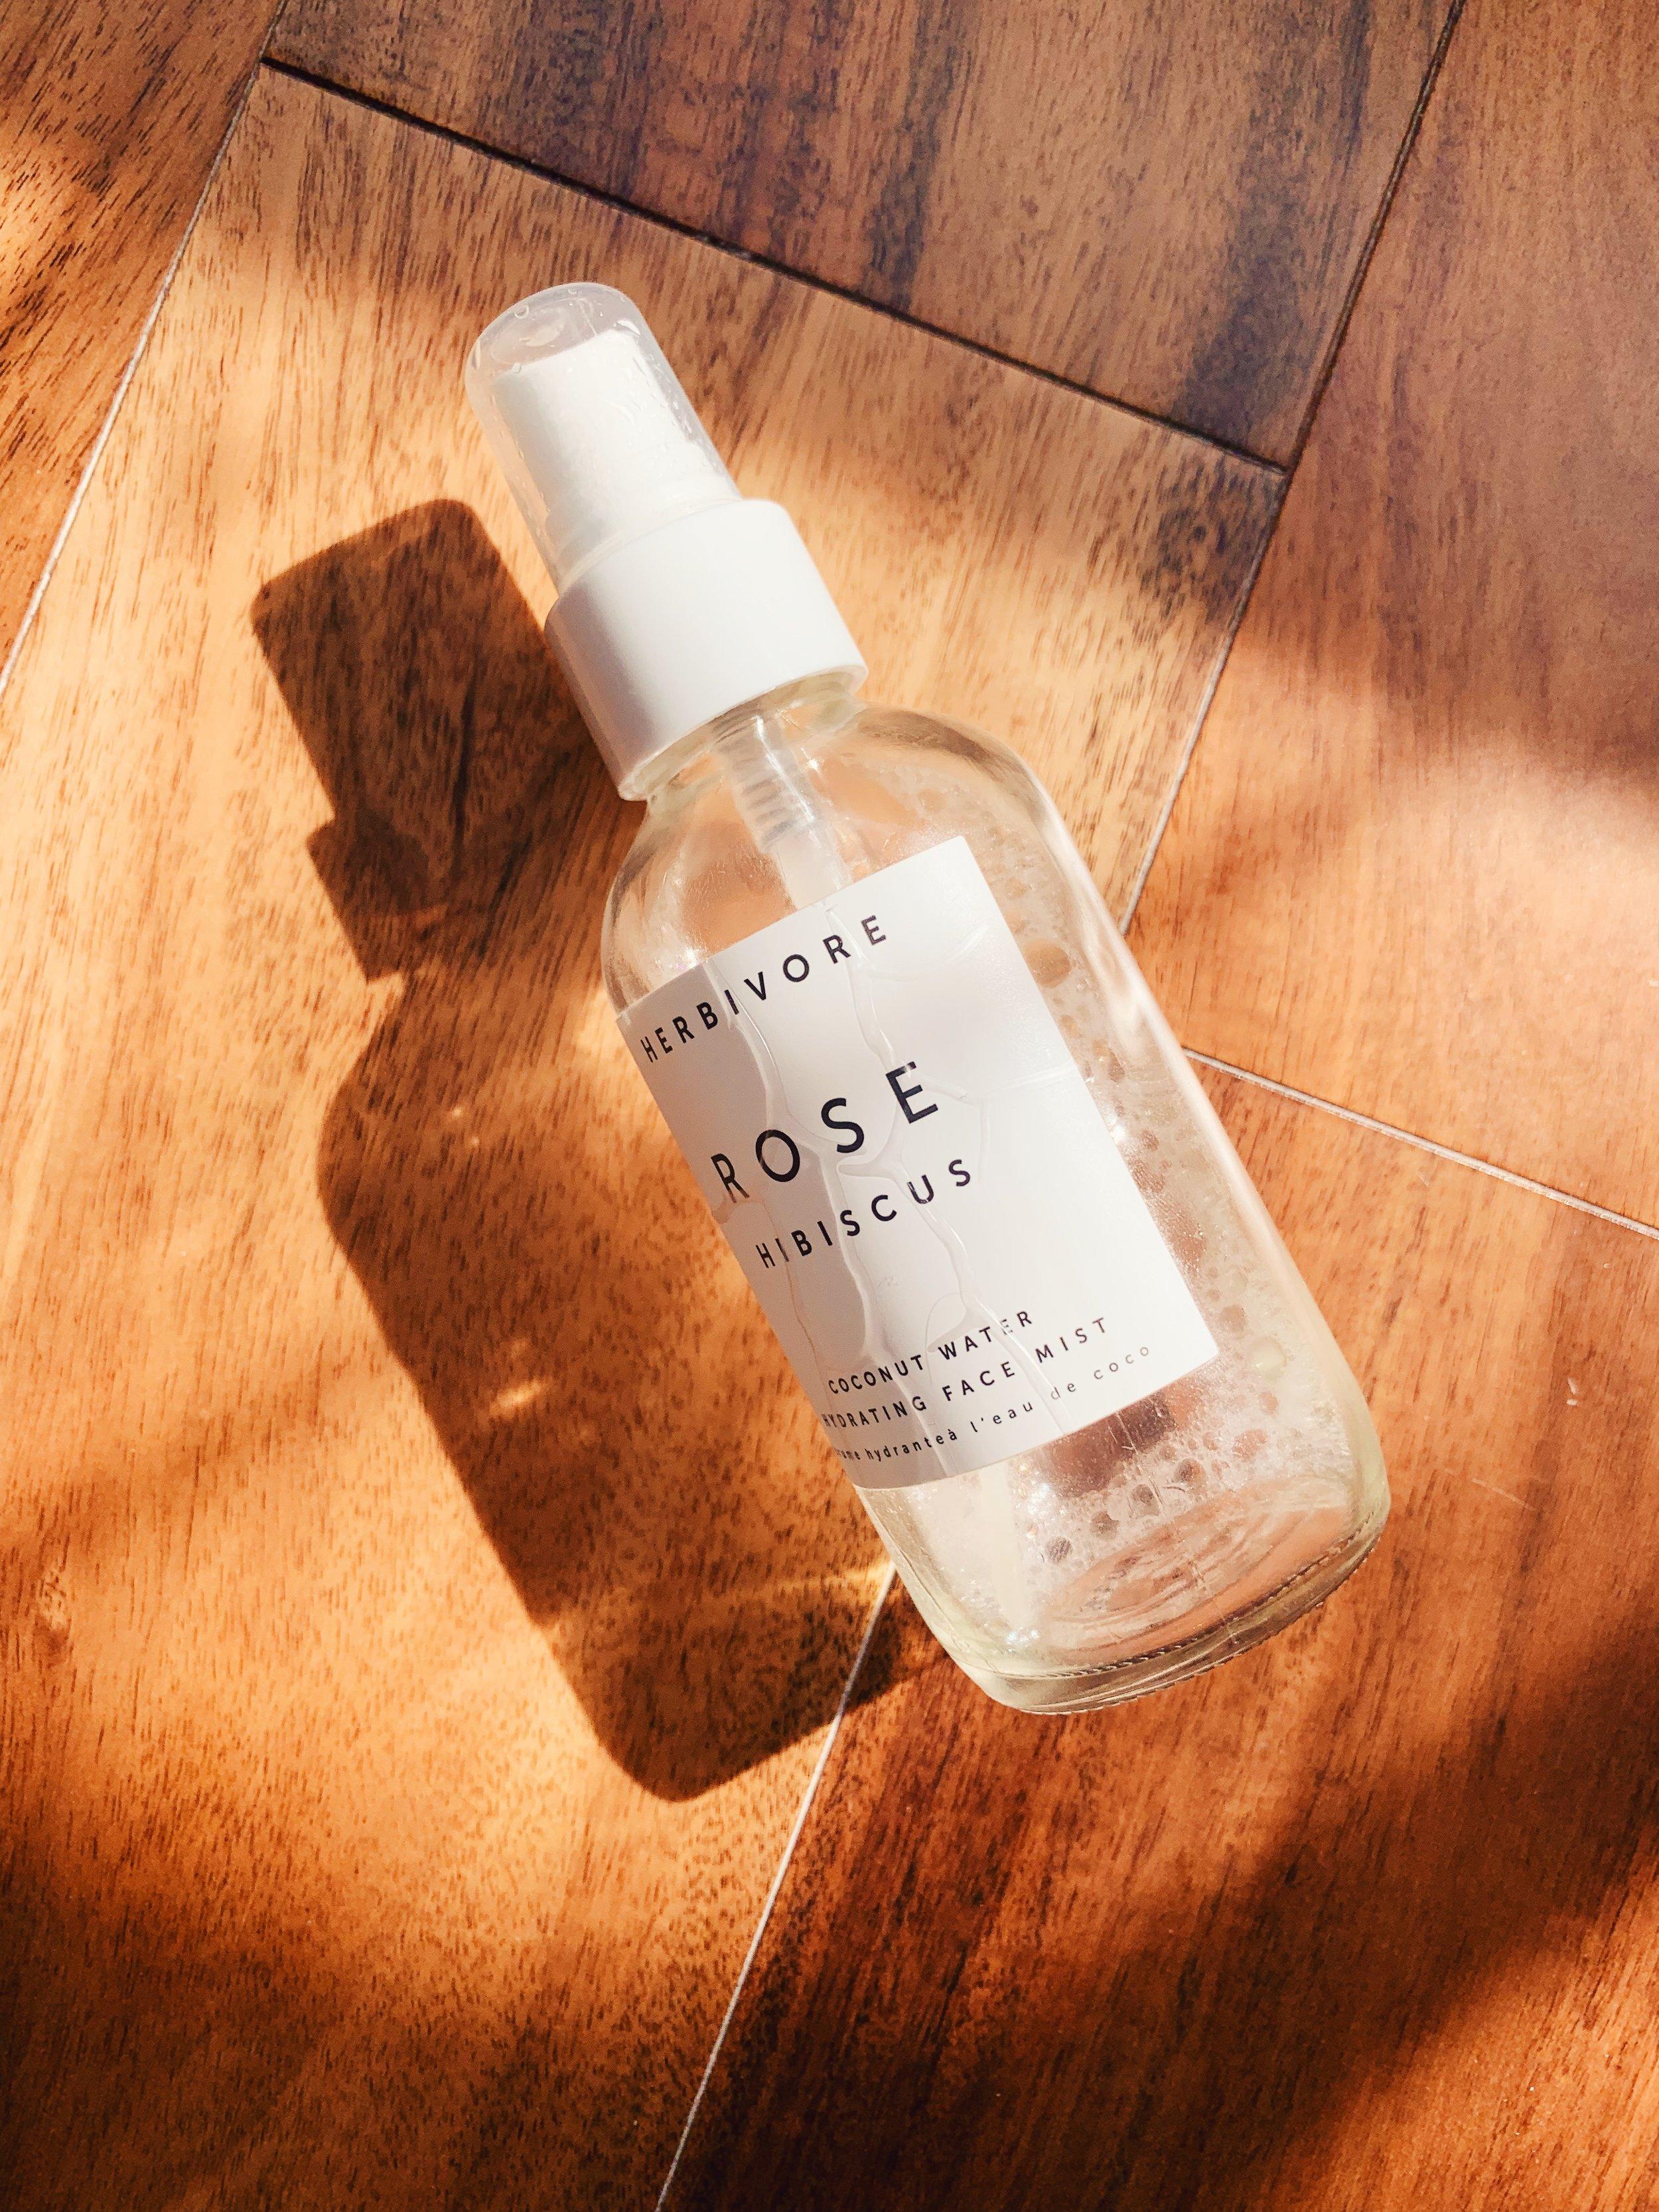 hb-rose-mist.jpg